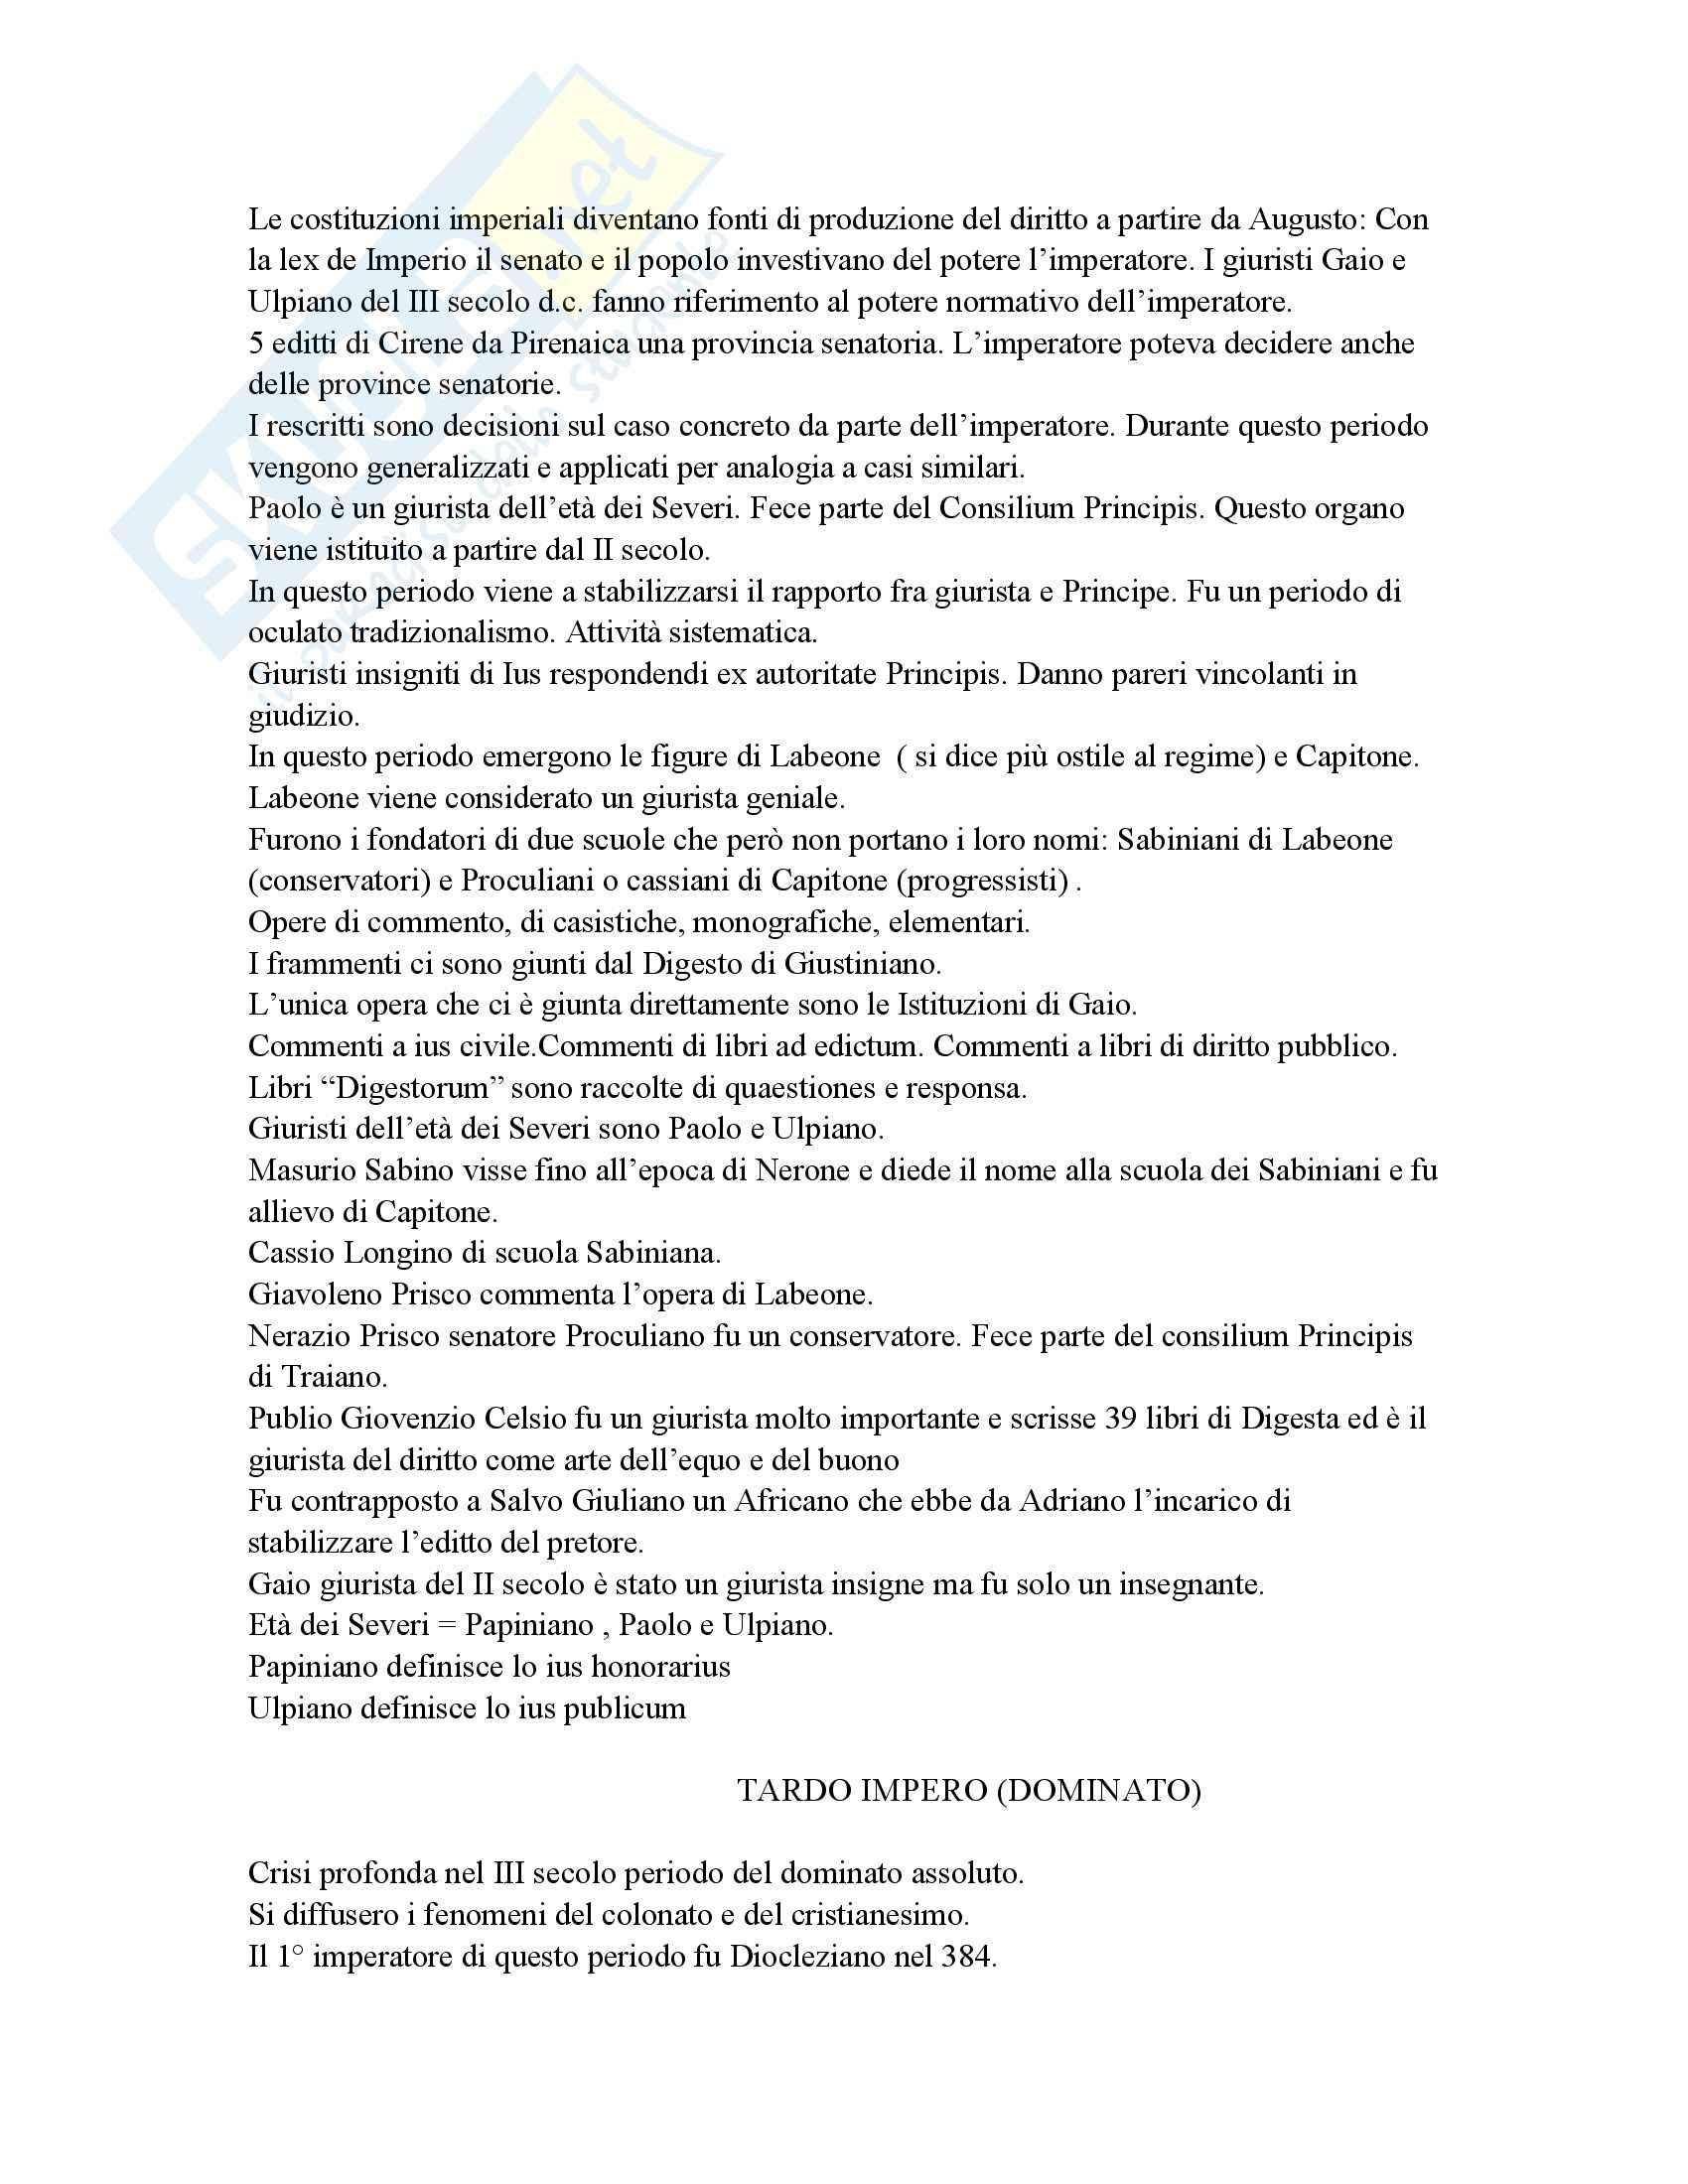 Diritto romano - Lezioni e Marrone